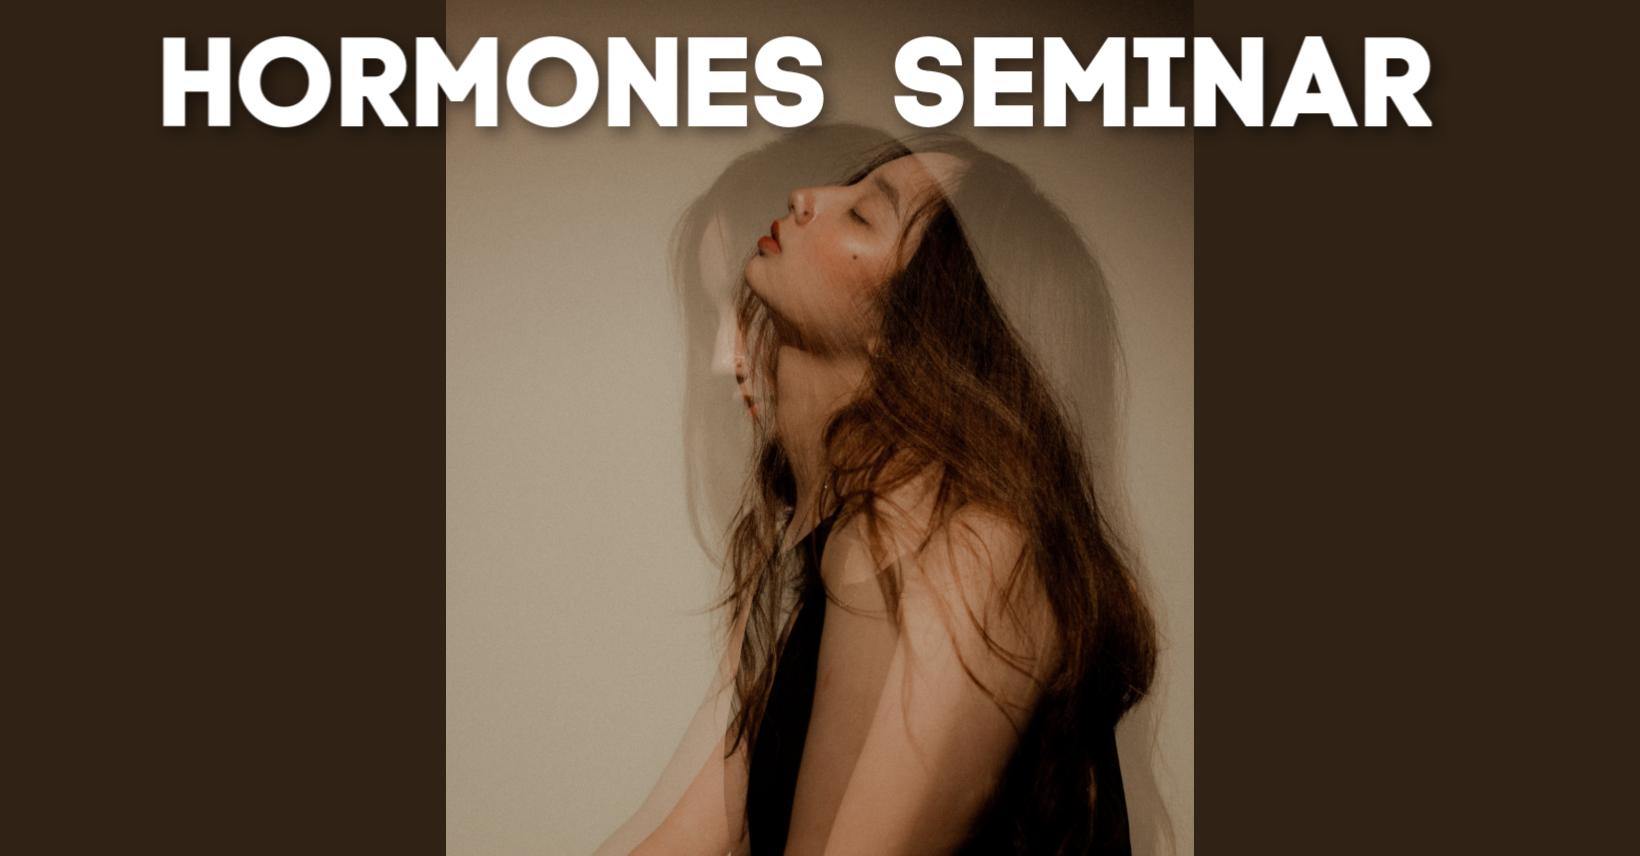 Hormonal Imbalances Seminar: A 2020 Approach